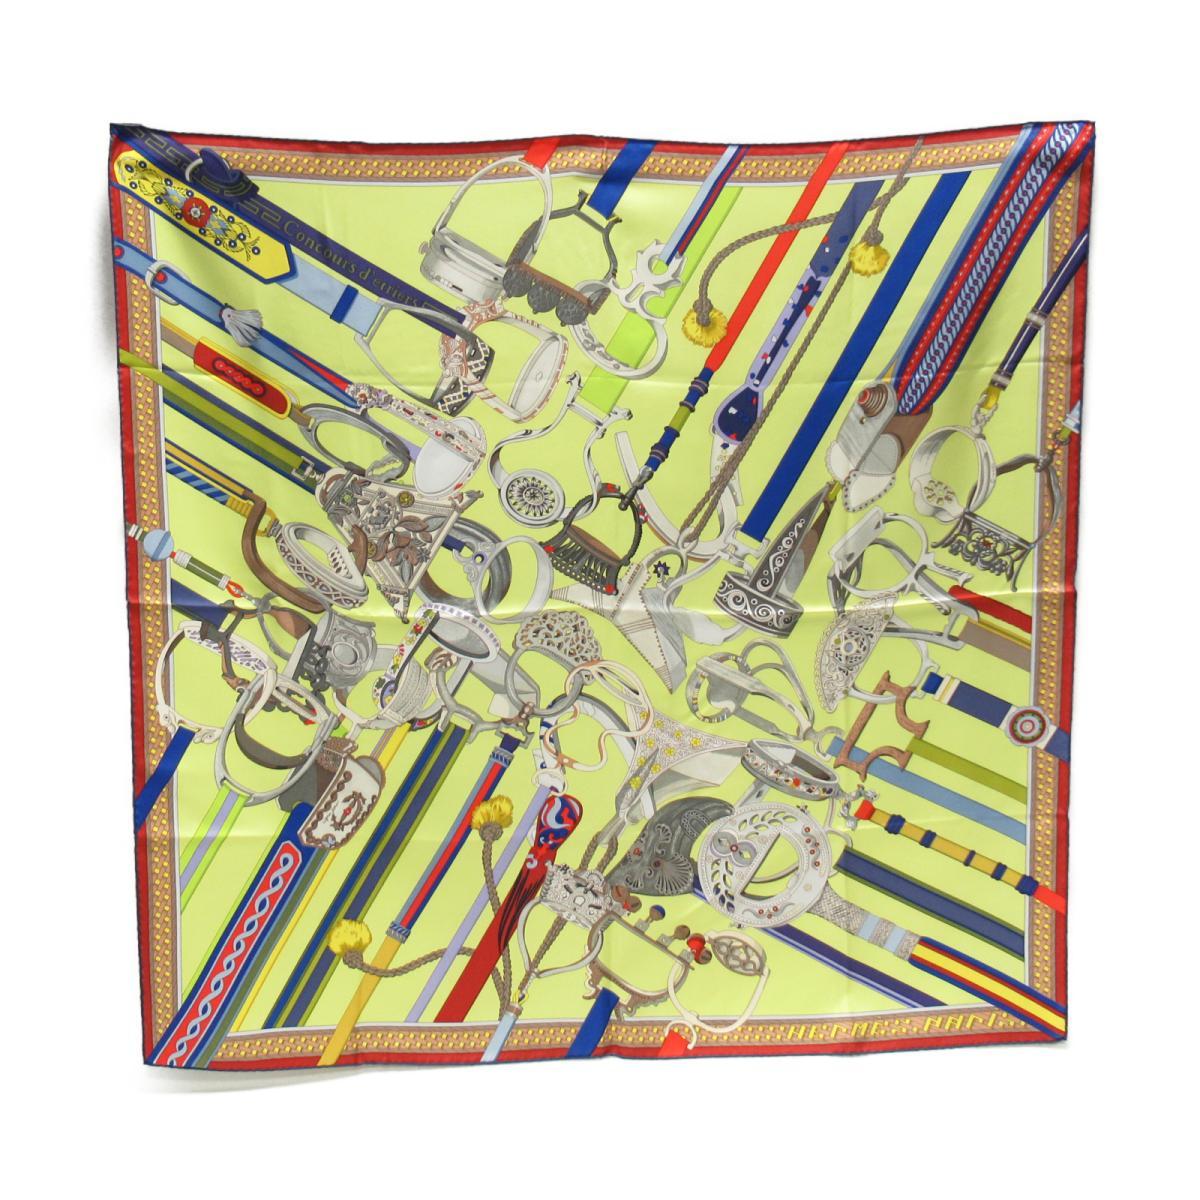 【中古】 エルメス カレ90 スカーフ「Concours d'etriers (エトリエの競演)」 レディース シルク マルチカラー | HERMES スカーフ カレ90 美品 ブランドオフ